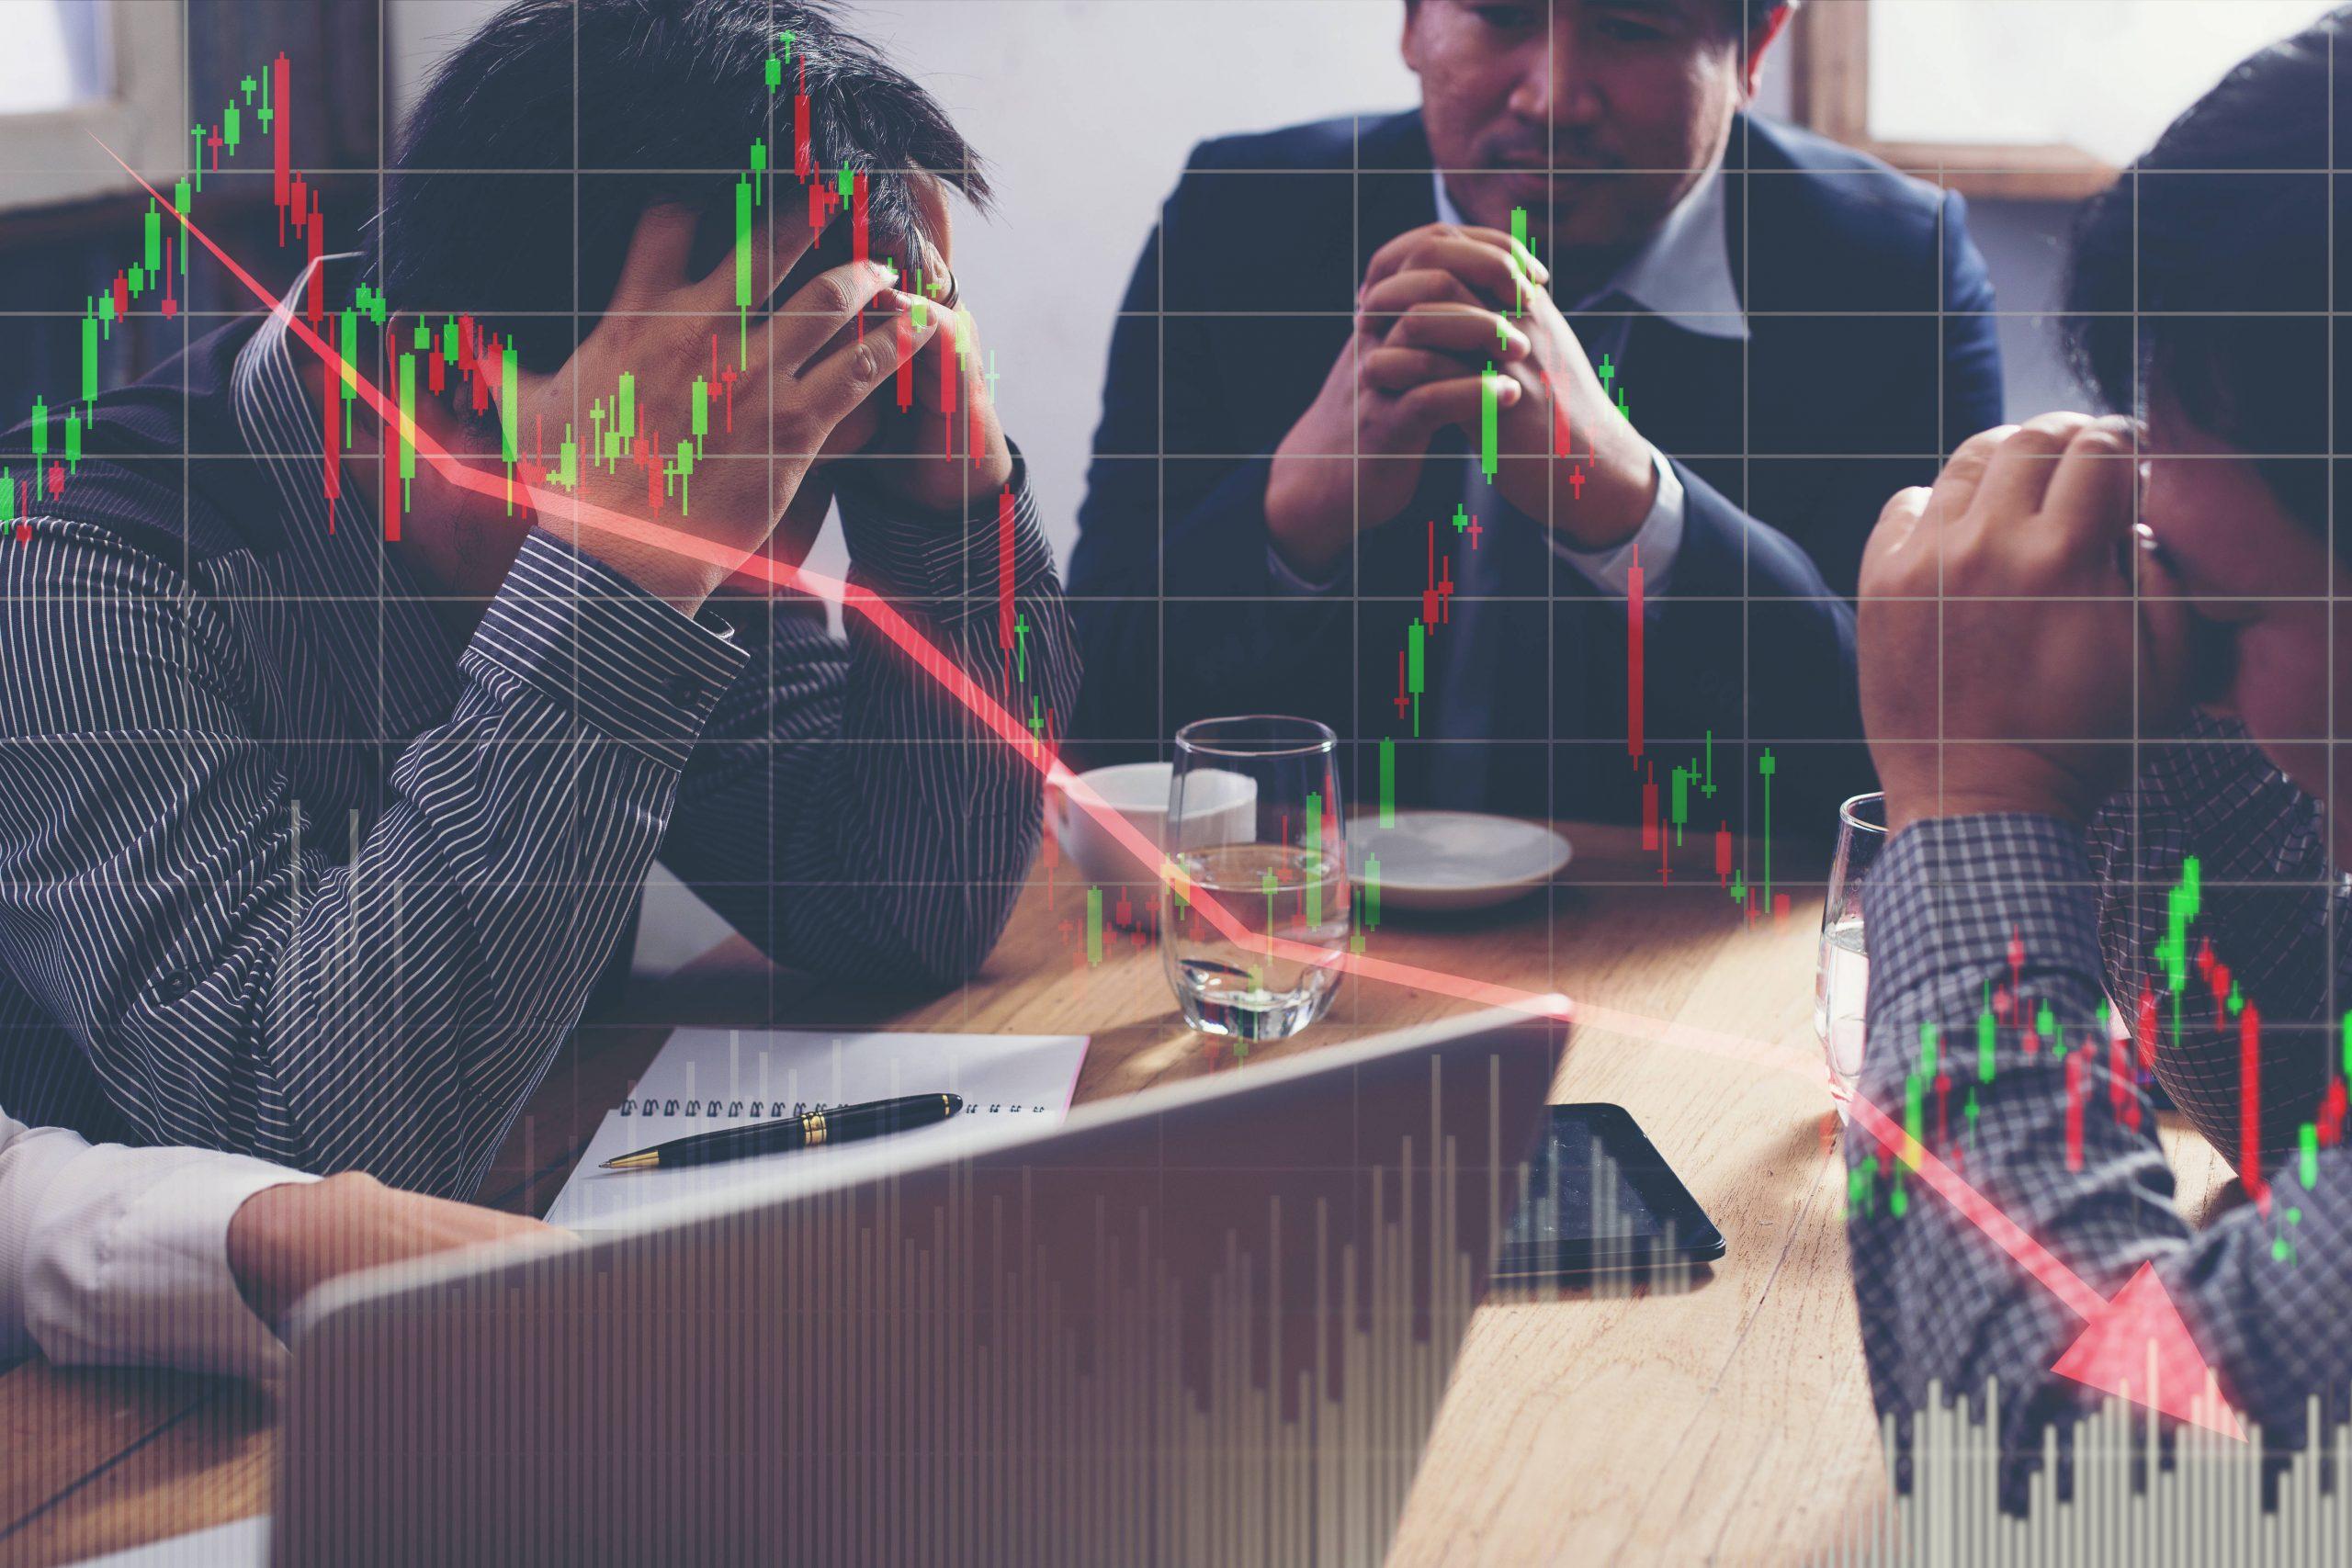 La mala gestión del stock puede llevar a la quiebra a tu empresa